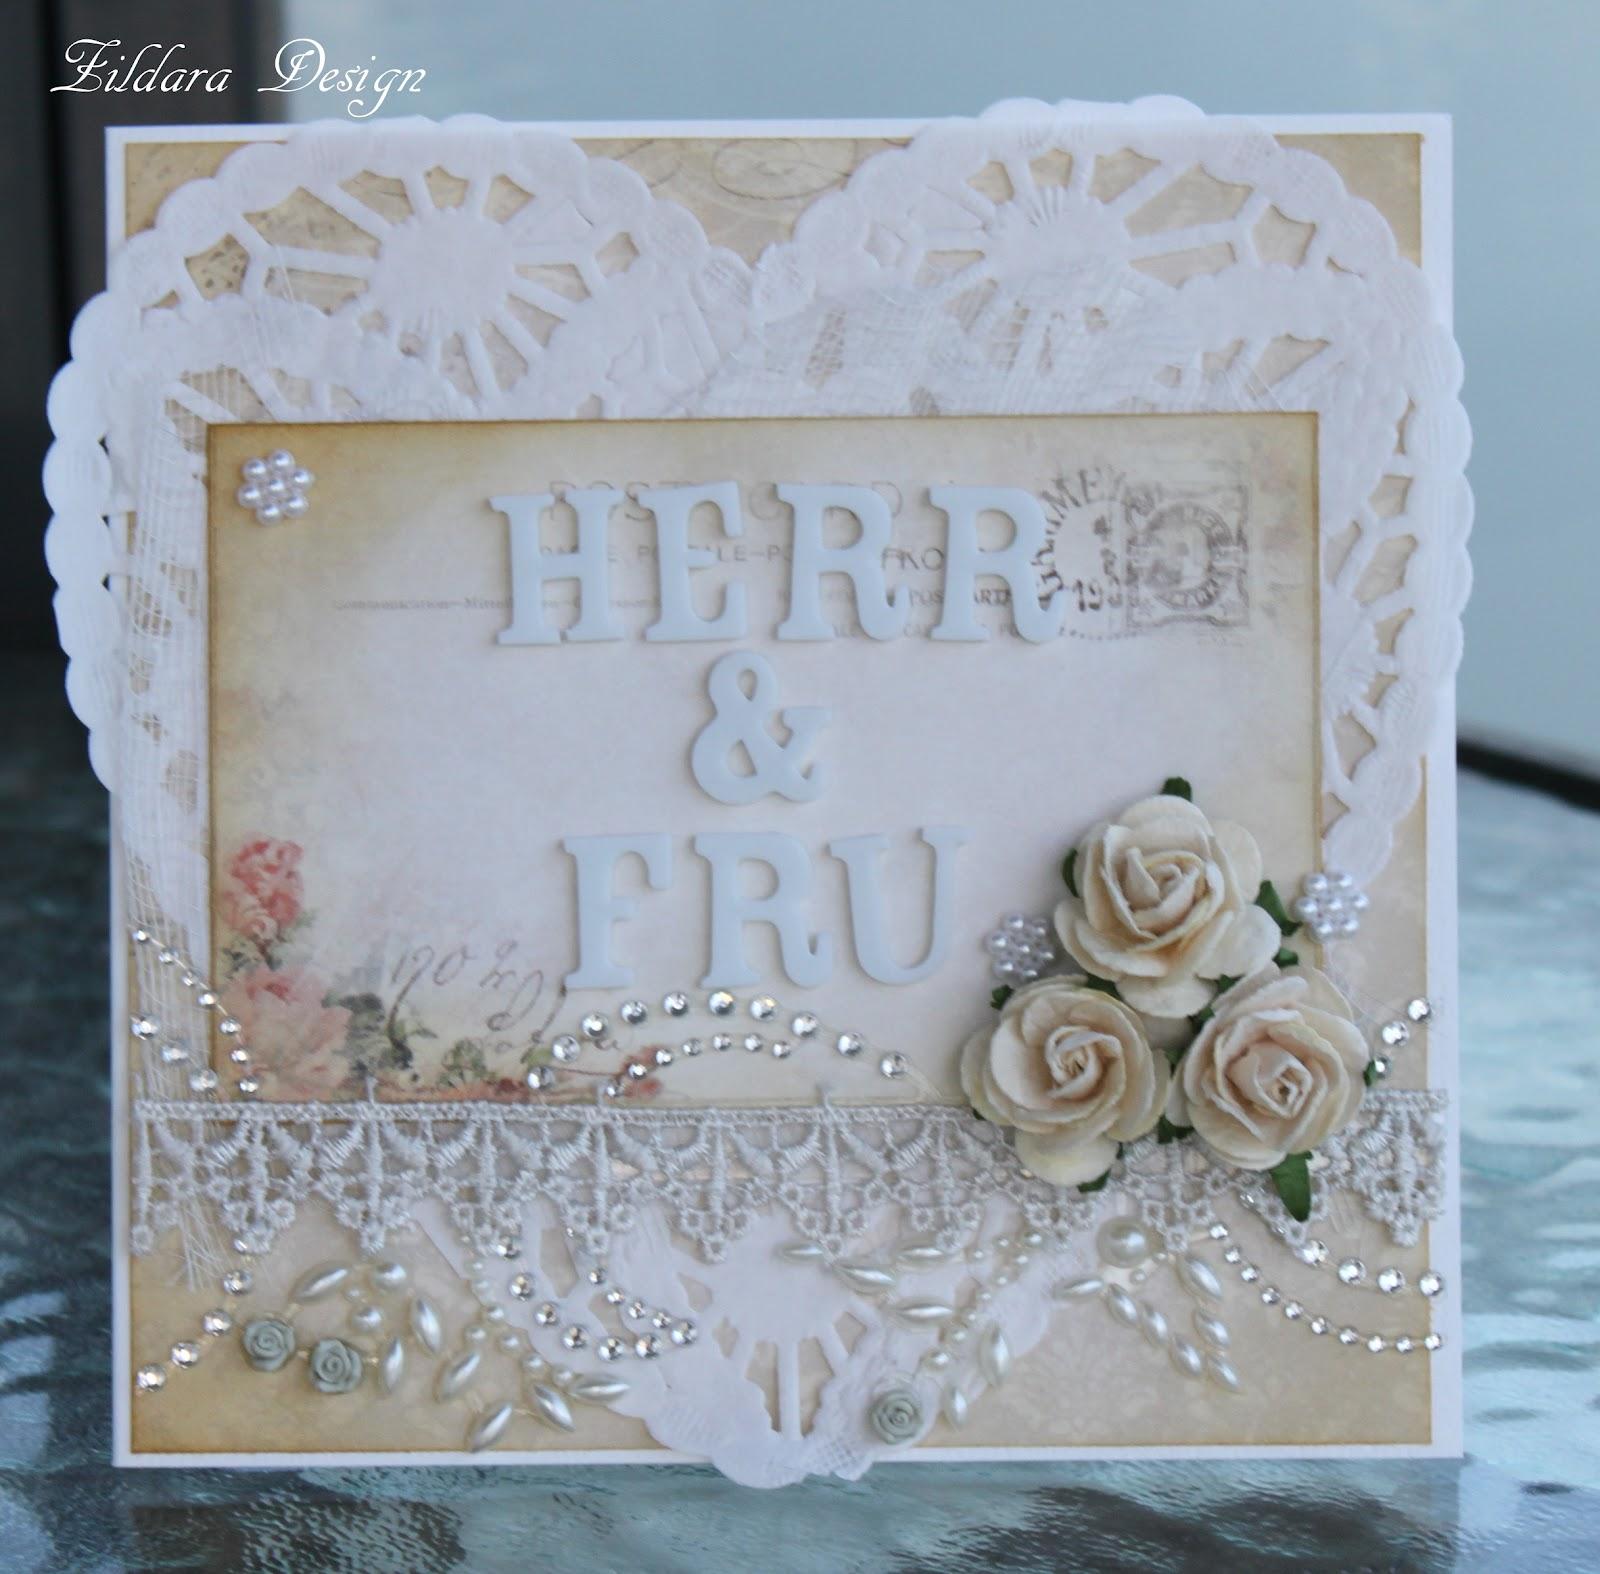 grattis till brudparet kort Zildara design: Grattis till Brudparet! grattis till brudparet kort